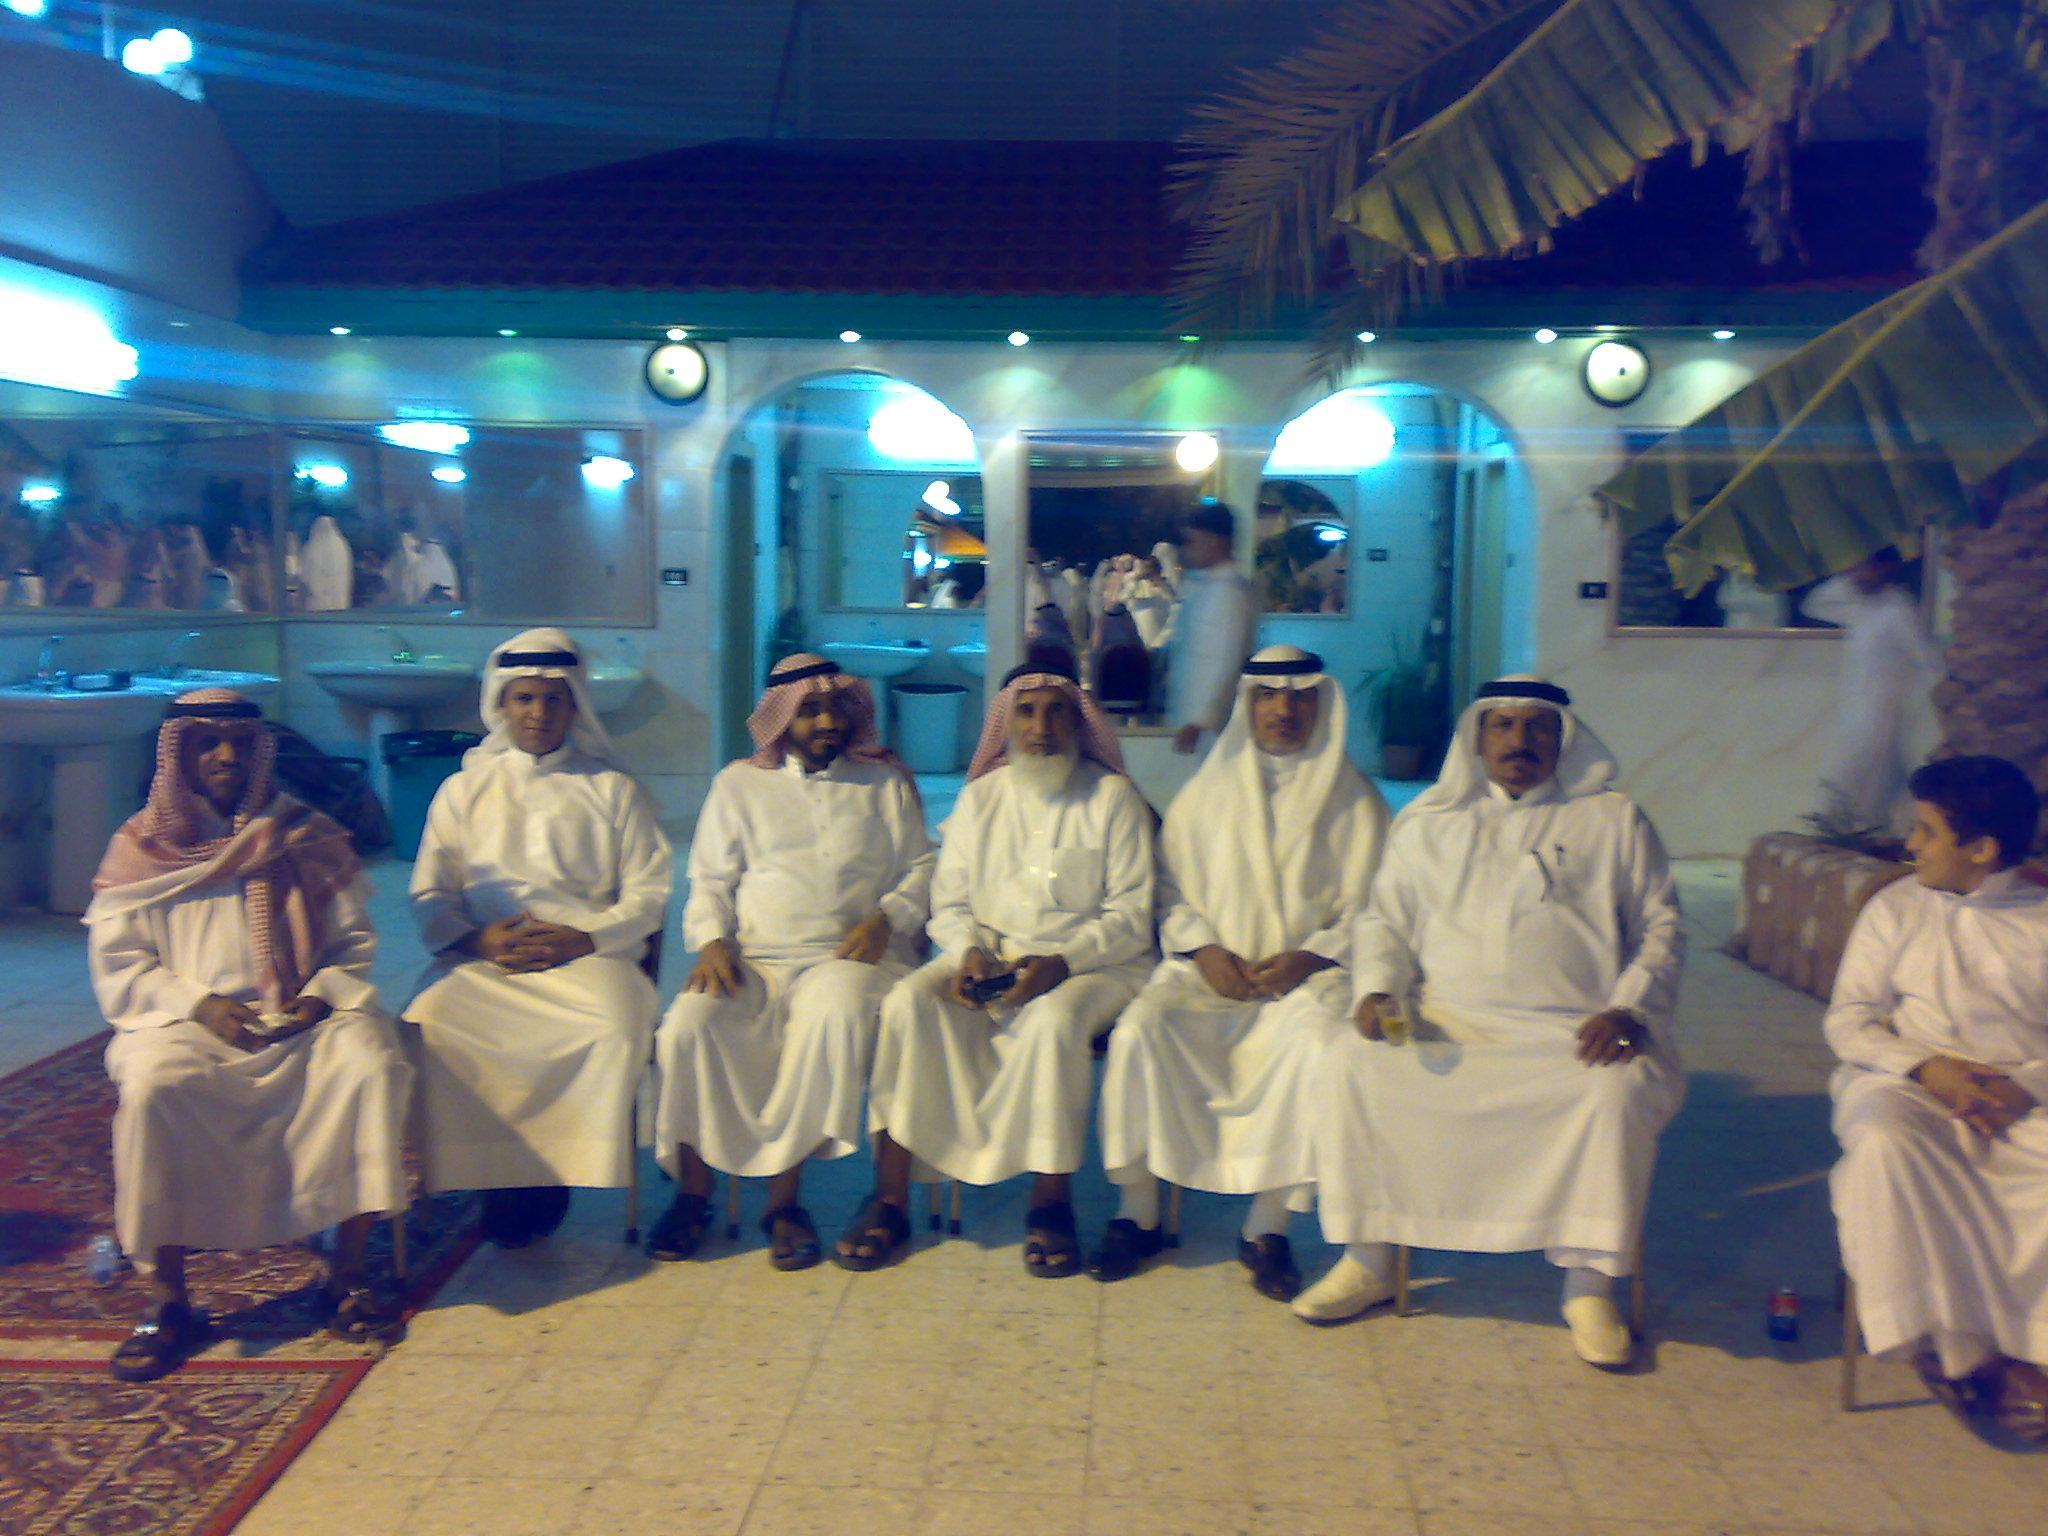 ملتقى قبائل بالقرن الرابع الحجاز cLv59004.jpg